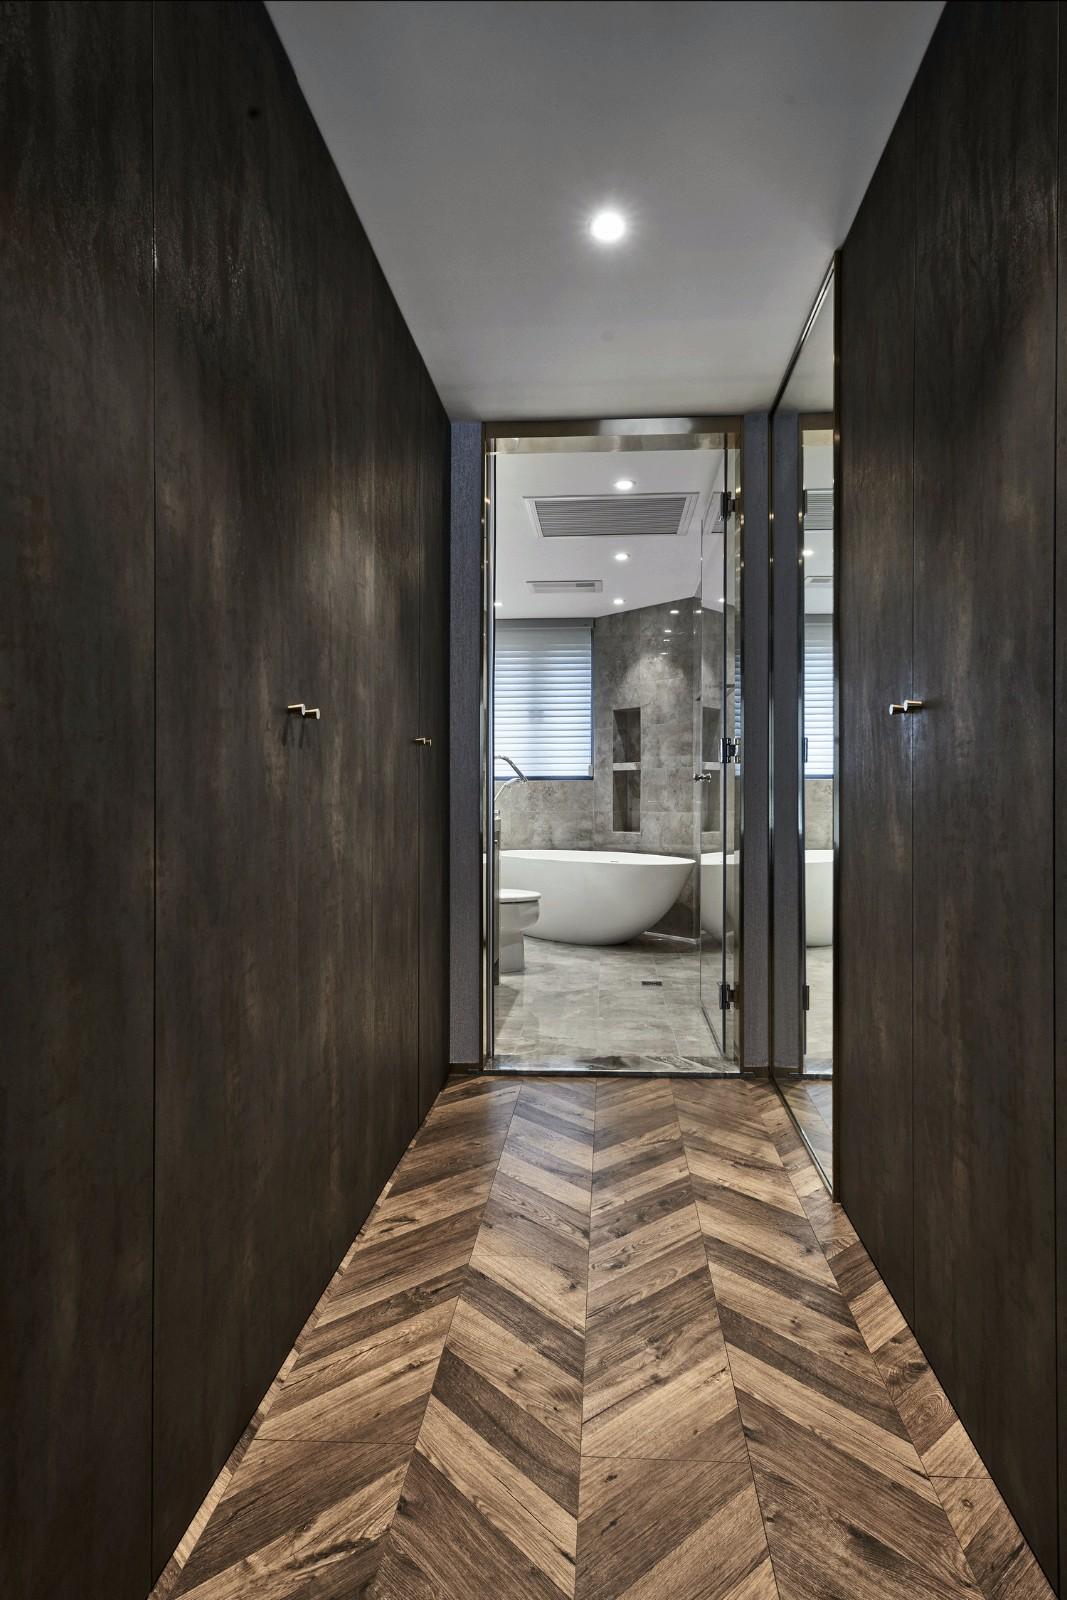 大理石+水泥板 | 两种材质的艺术碰撞竟如此低调奢华!